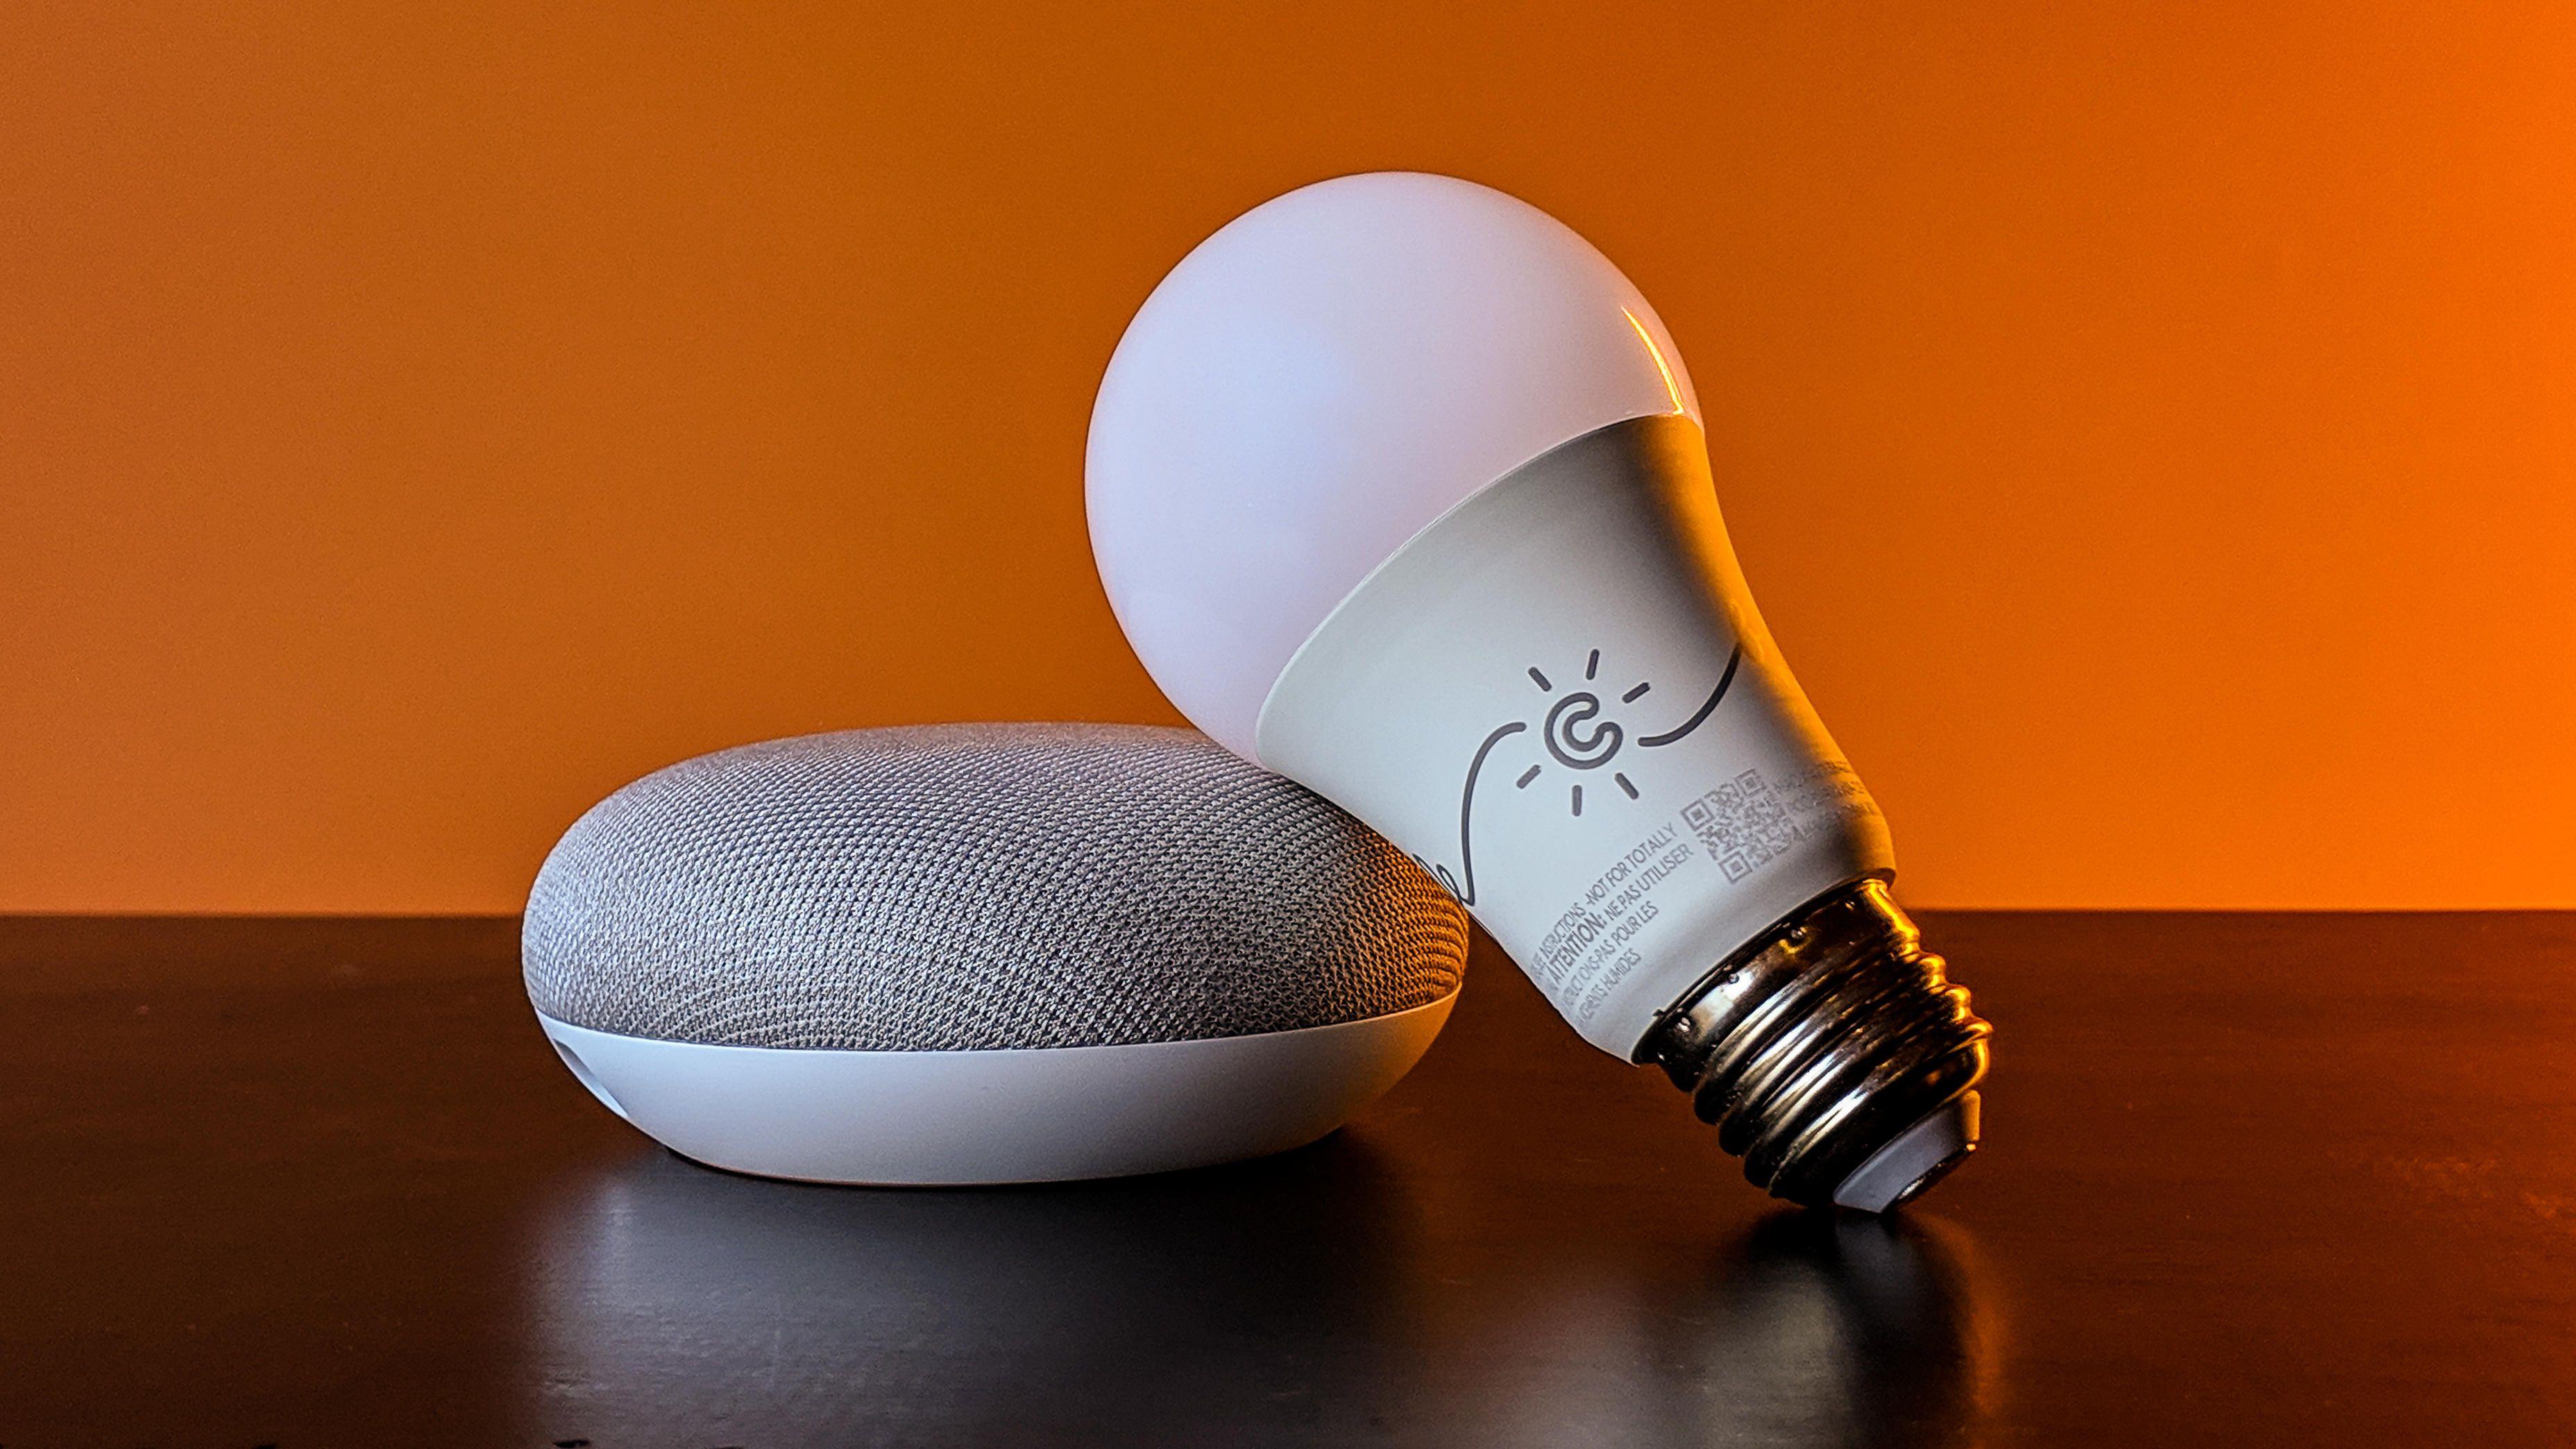 google-starter-kit-1-home-mini-c-by-ge-led-bulb